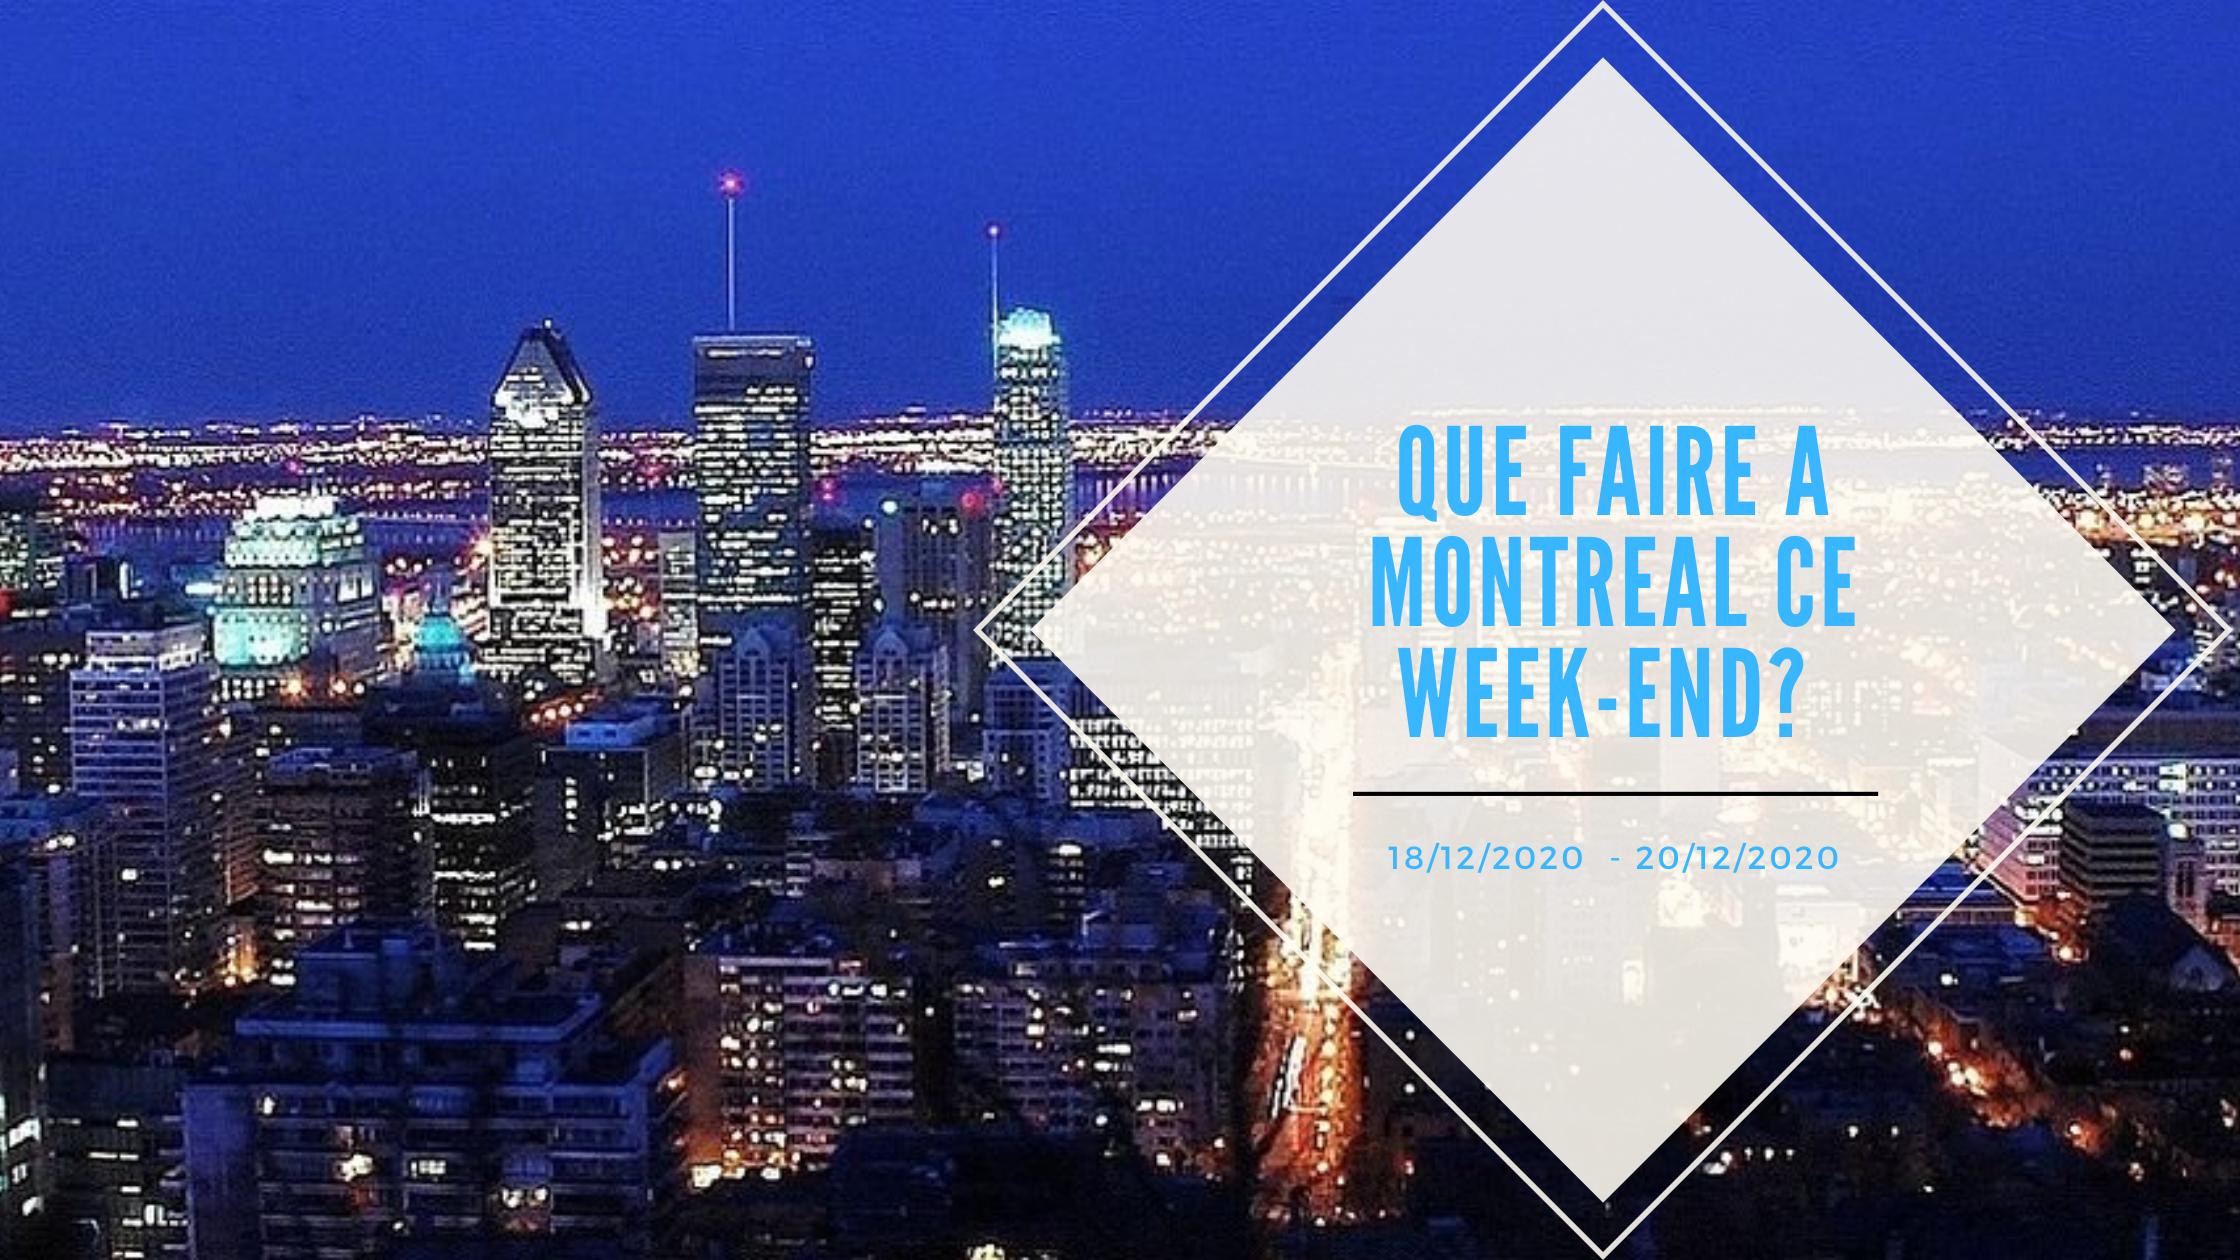 Que faire ce week-end à Montréal en ces 18, 19 et 20 décembre ?